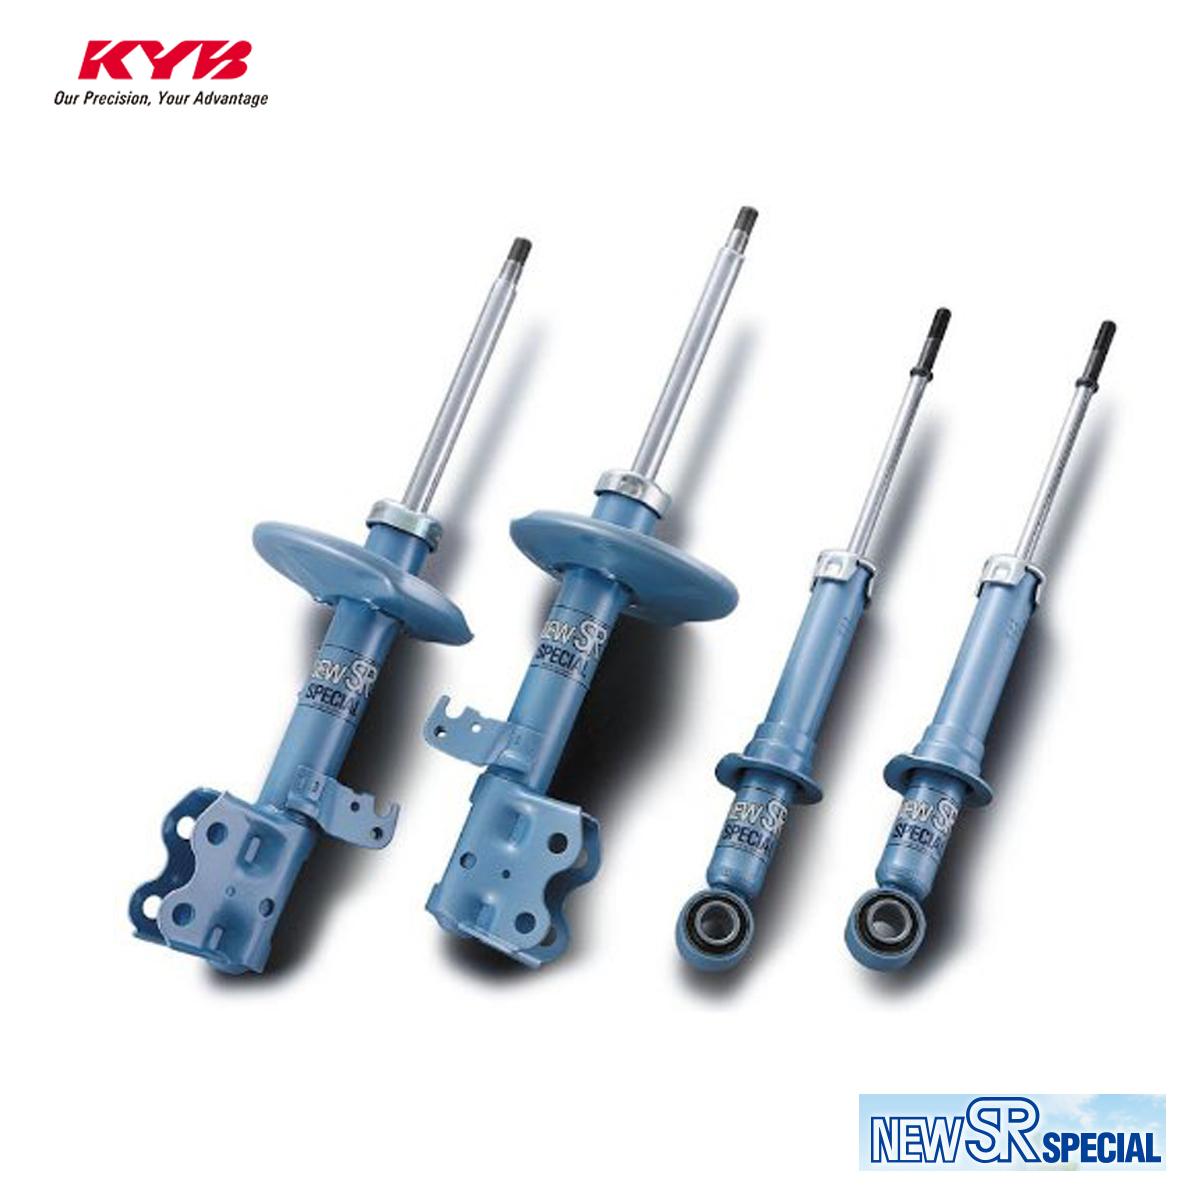 KYB カヤバ カムリ AXVH70 ショックアブソーバー フロント 右用 1本 NEW SR SPECIAL NST5722R 配送先条件有り